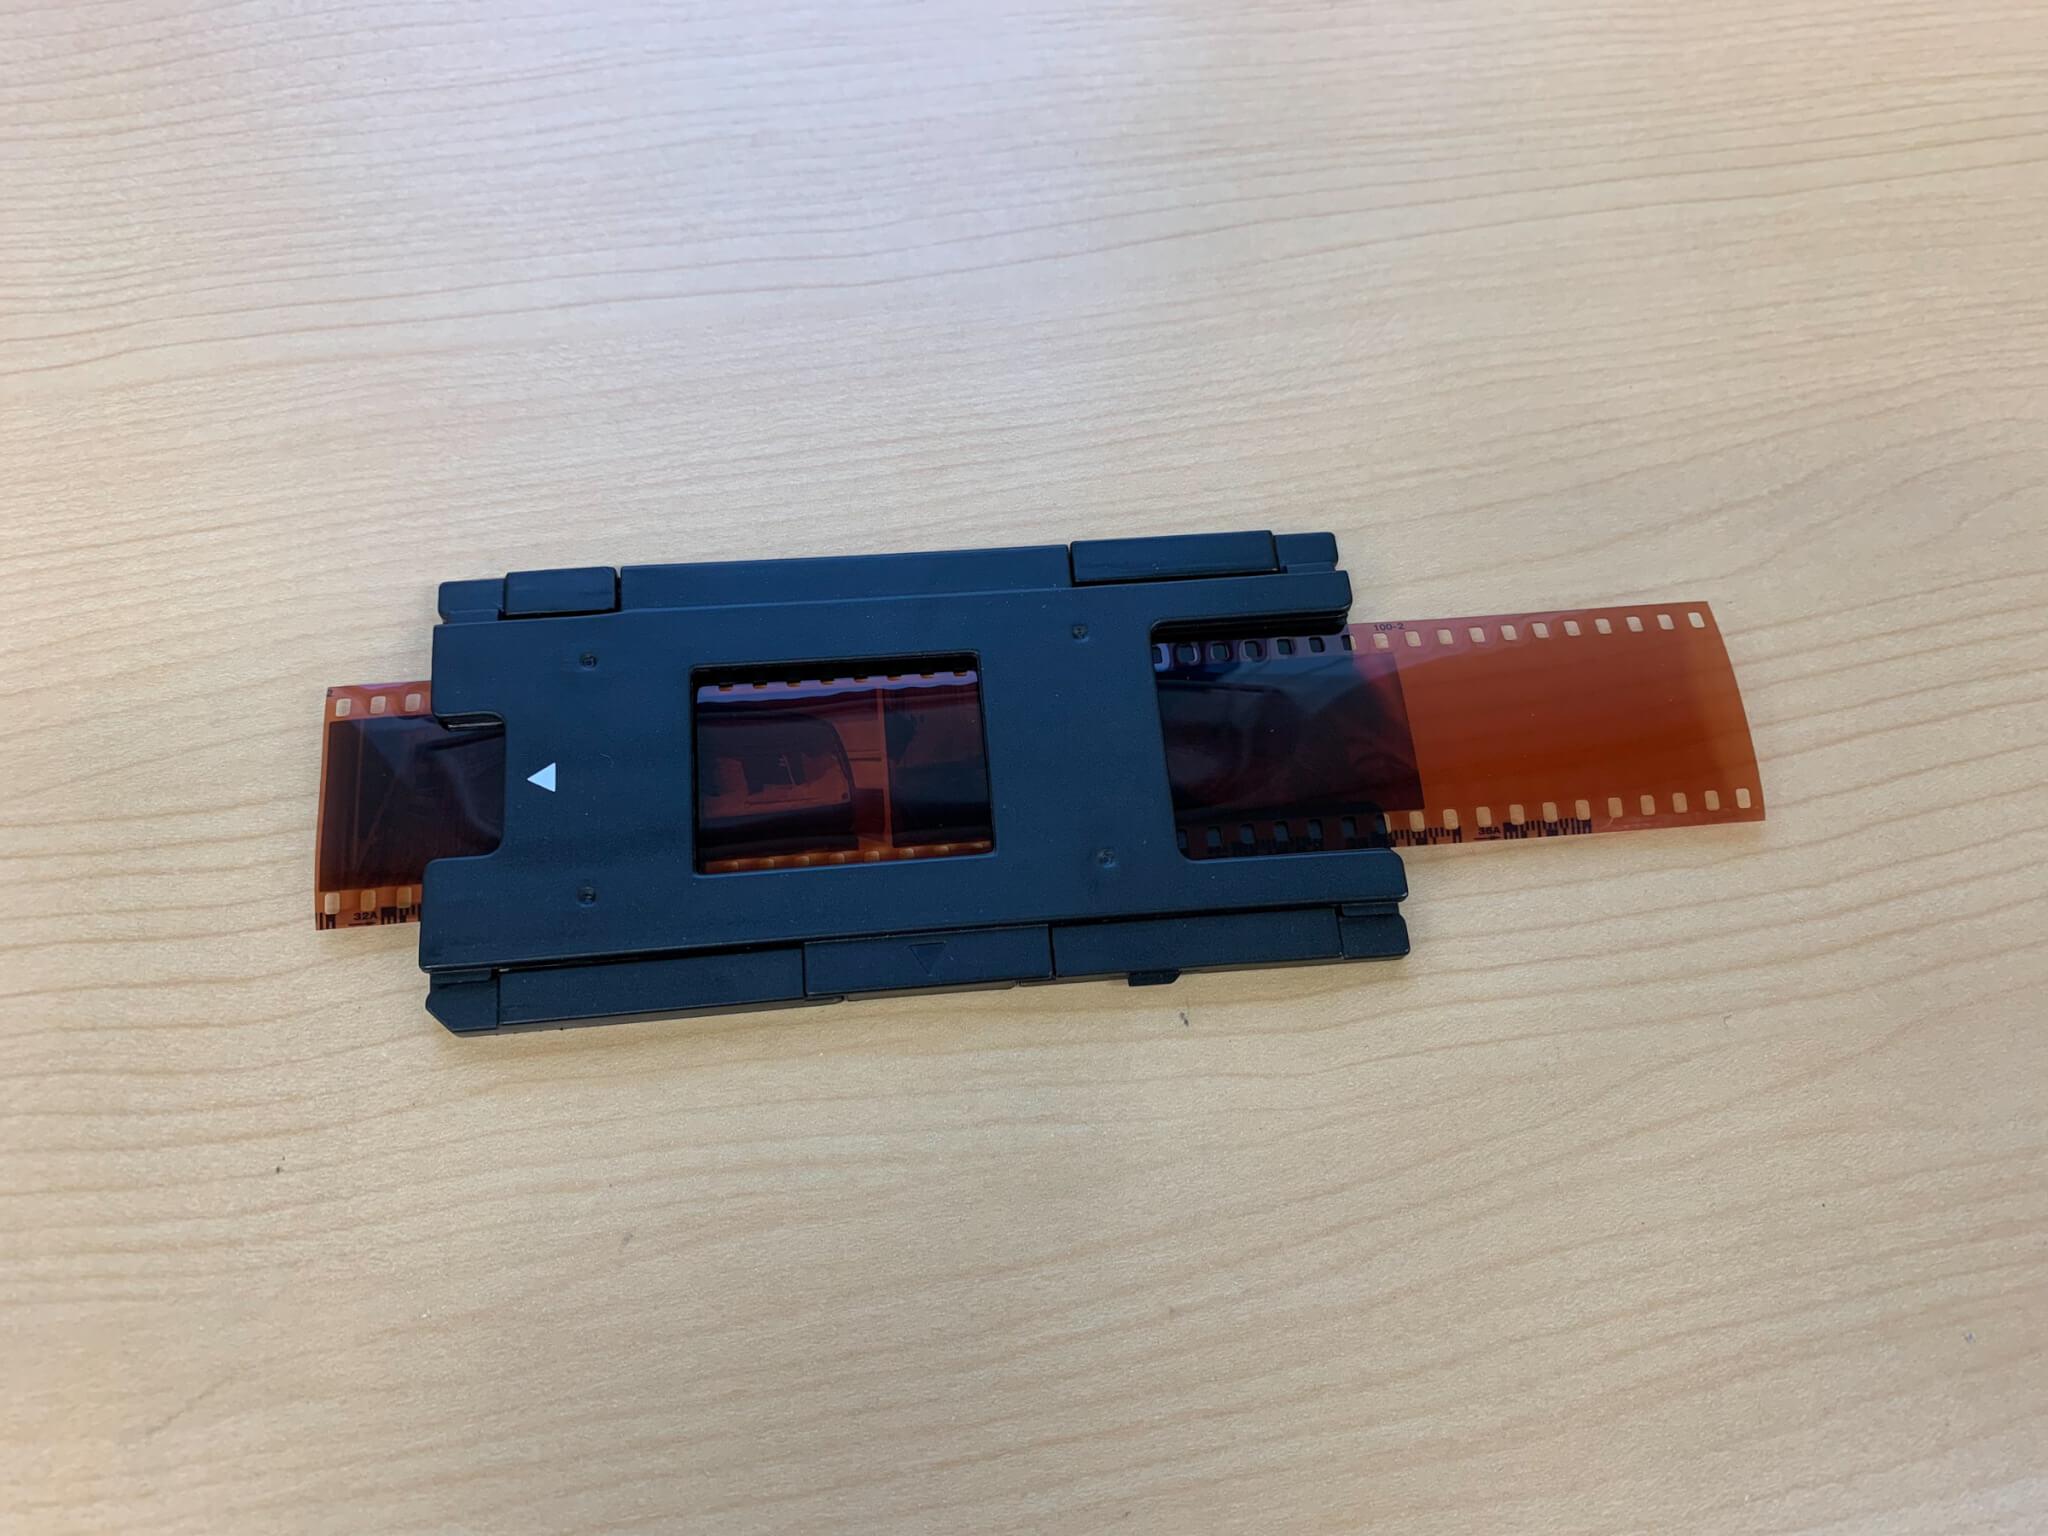 ケンコーのフィルムスキャナー KFS-14WSの135フィルム用アタッチメントにフィルムをセット